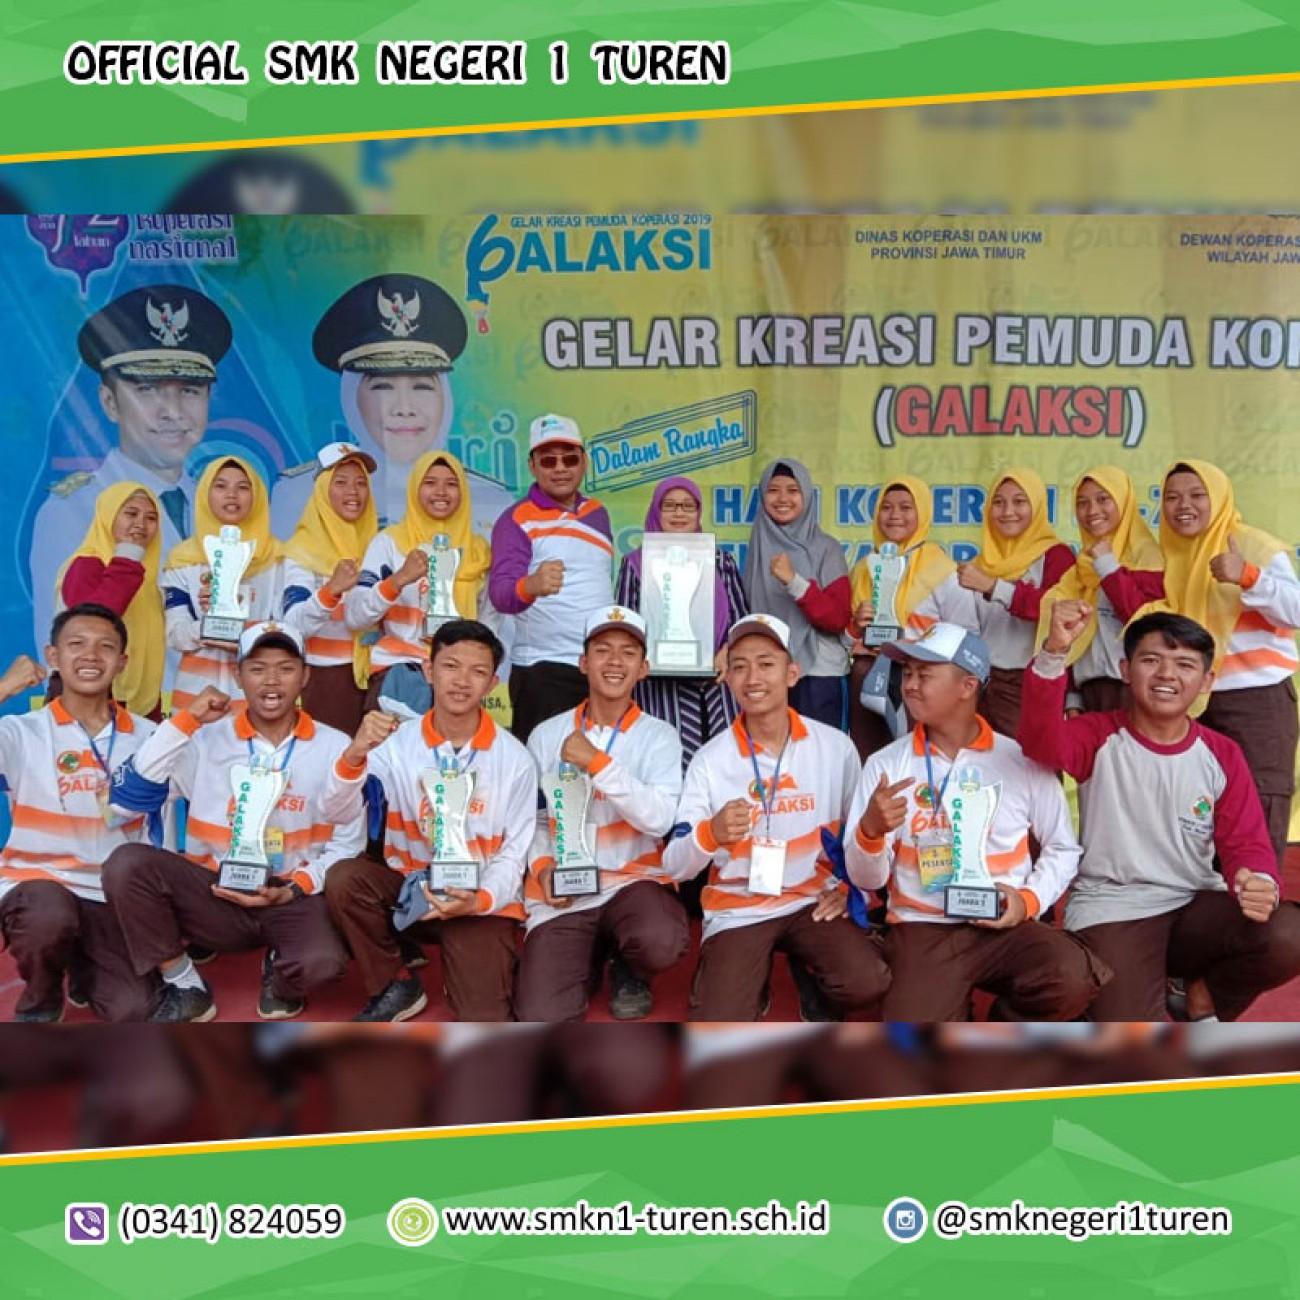 Tim Kopsis SMK Negeri 1 TUREN Meraih JUARA UMUM dan 8 TROPY pada ajang GALAKSI 2019 Tingkat Provinsi Jawa Timur